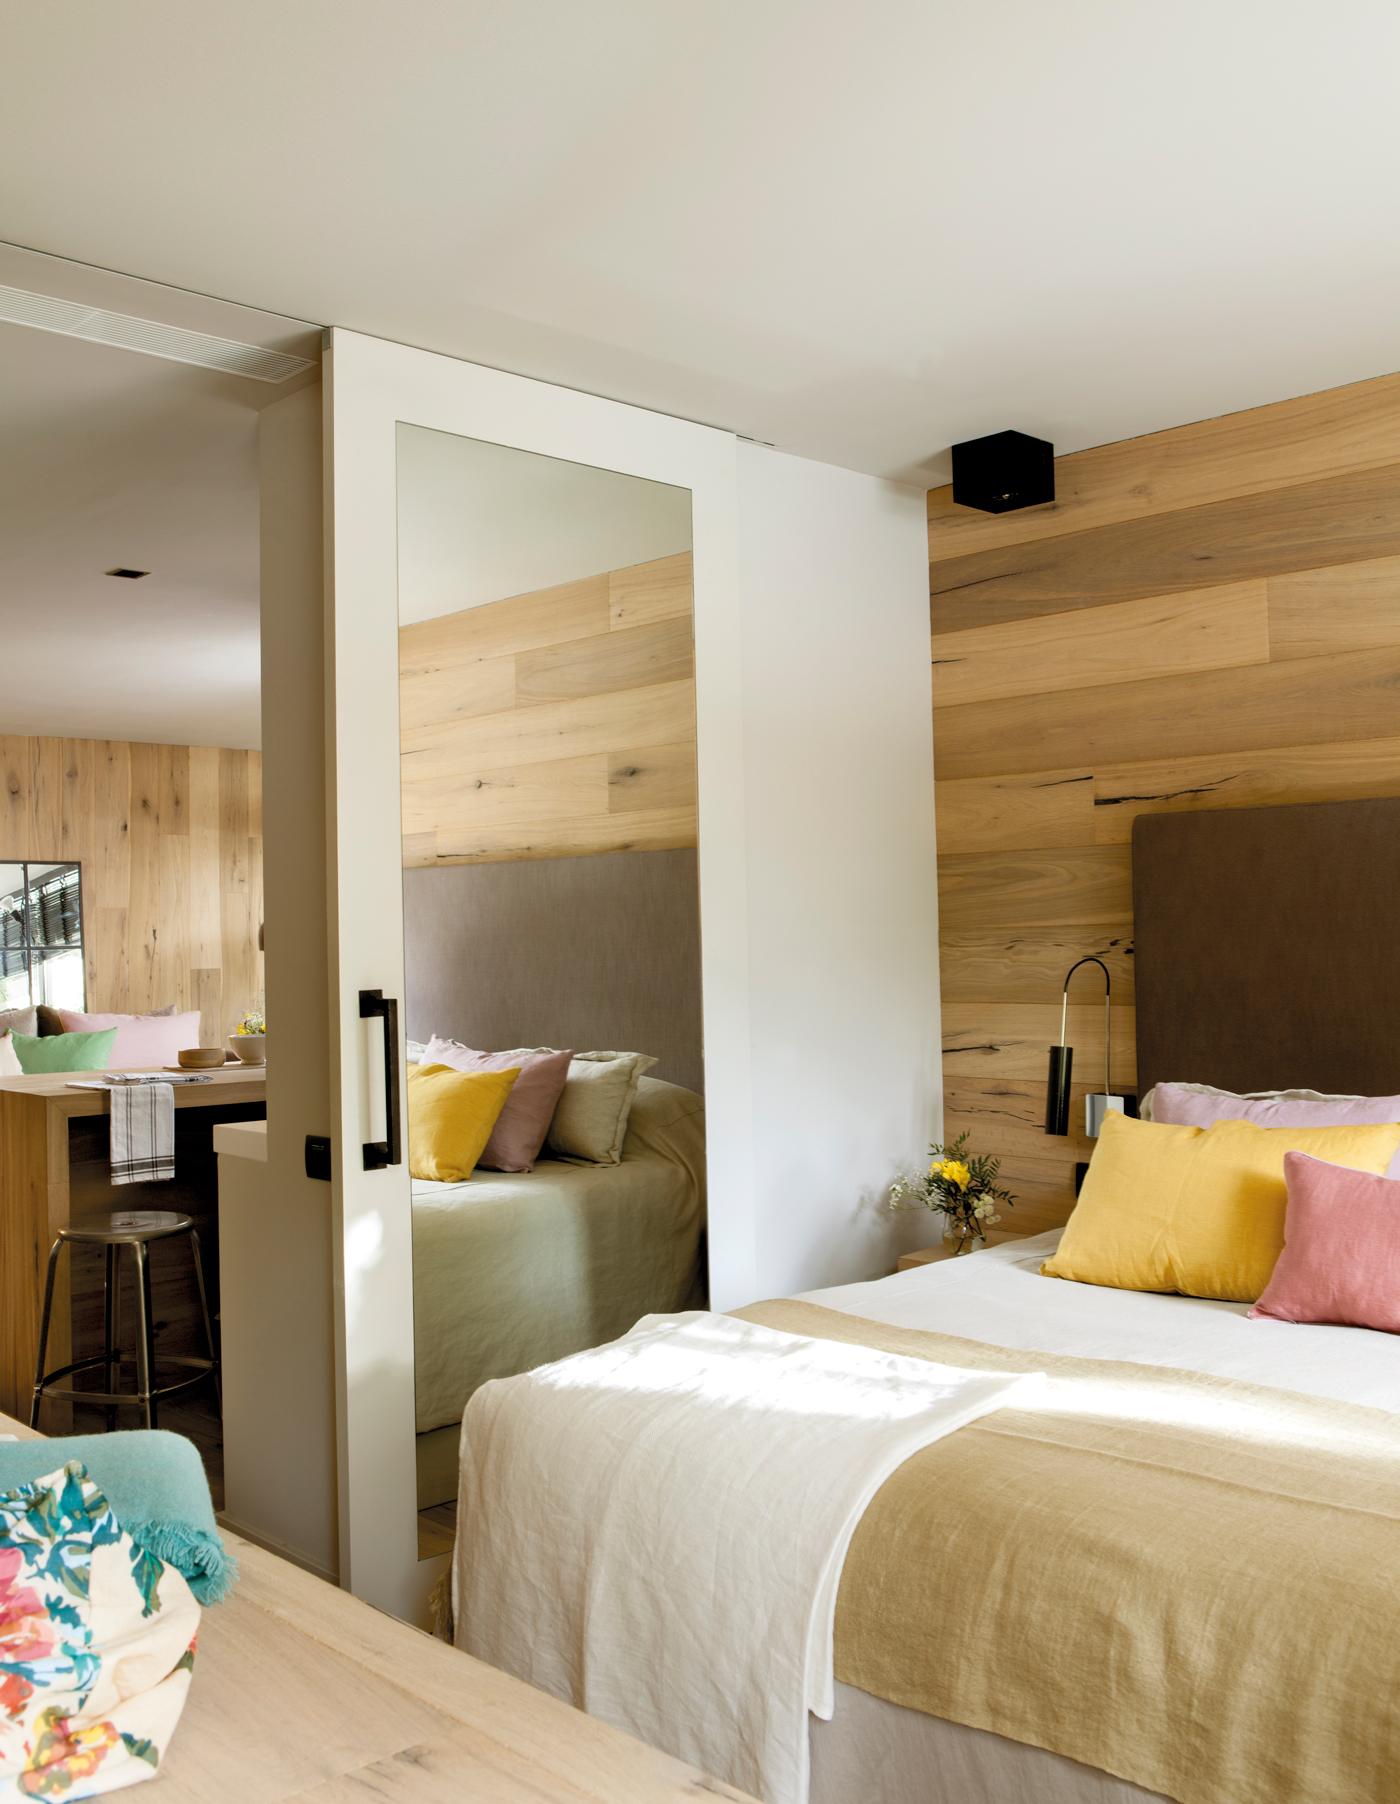 10 ideas geniales para dormitorios peque os - Imagenes para dormitorios ...